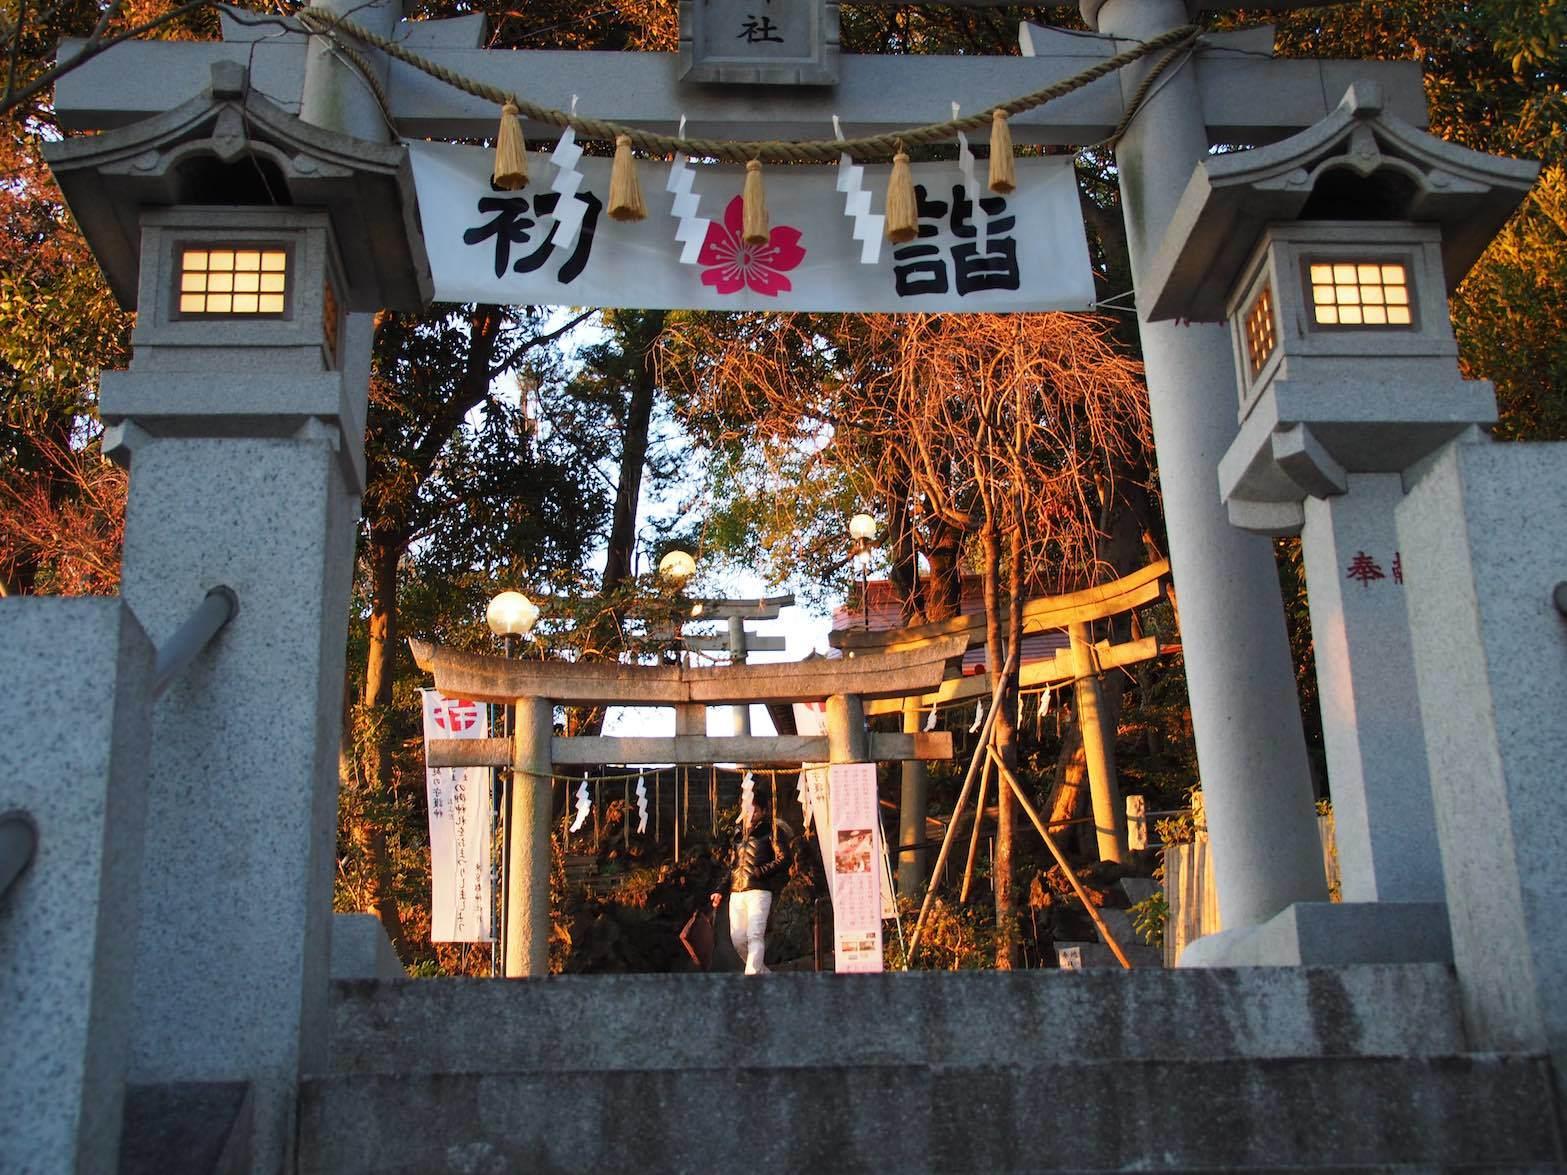 東急多摩川駅周辺11_b0360240_20521597.jpg